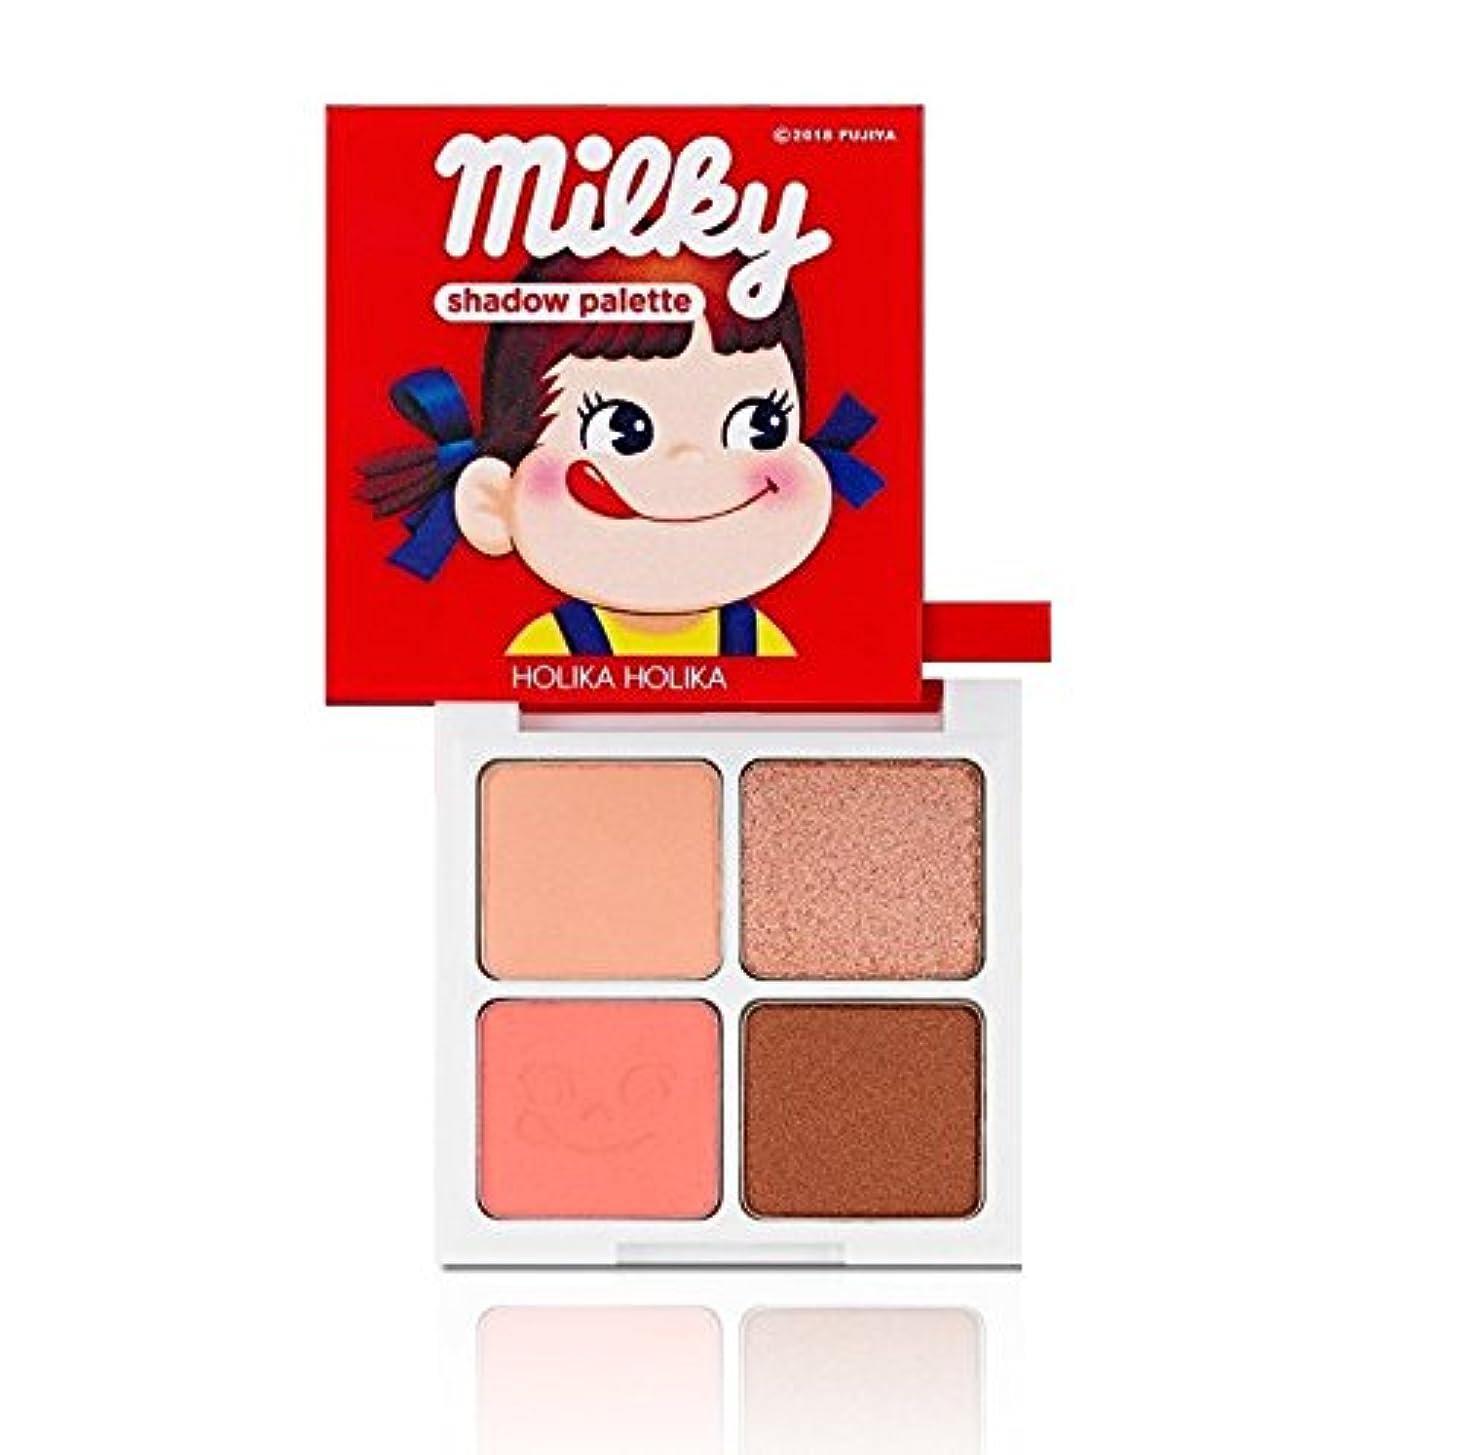 理想的には四回シェトランド諸島Holika Holika [Sweet Peko Edition] 4 Shadow Palette #01 Strawberry Caramel/ホリカホリカ [スイートペコエディション] 4色シャドウパレット [並行輸入品]